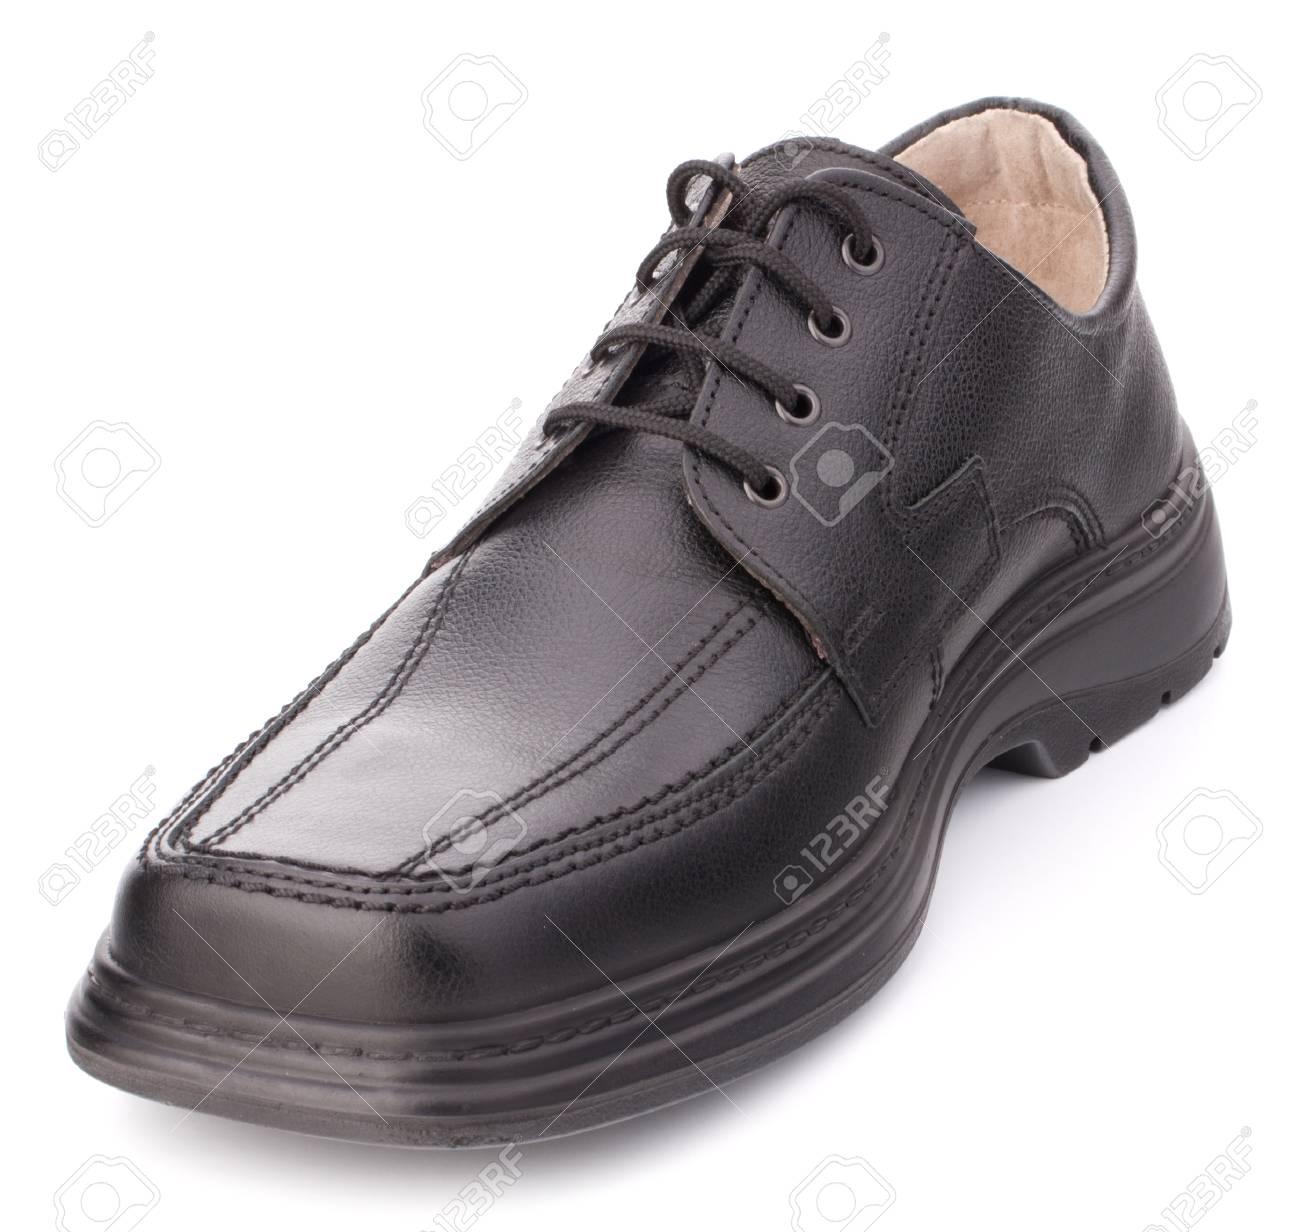 d9e17353b7b708 Banque d'images - Chaussures homme noir brillant de] avec lacets isolé sur  fond blanc